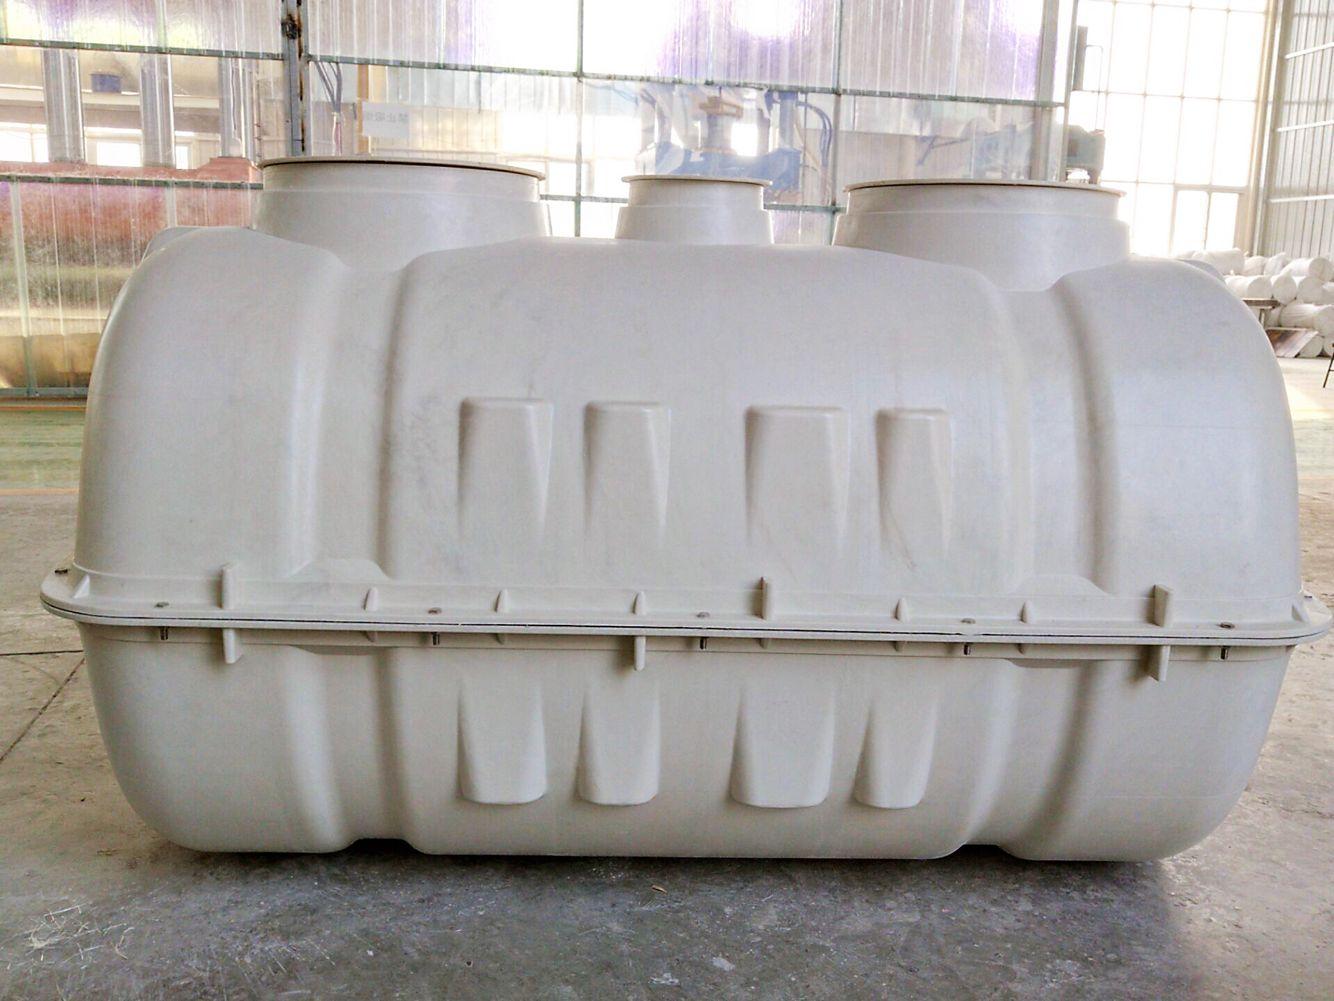 化粪池厂家价格,供应化粪池厂家,生产化粪池厂家